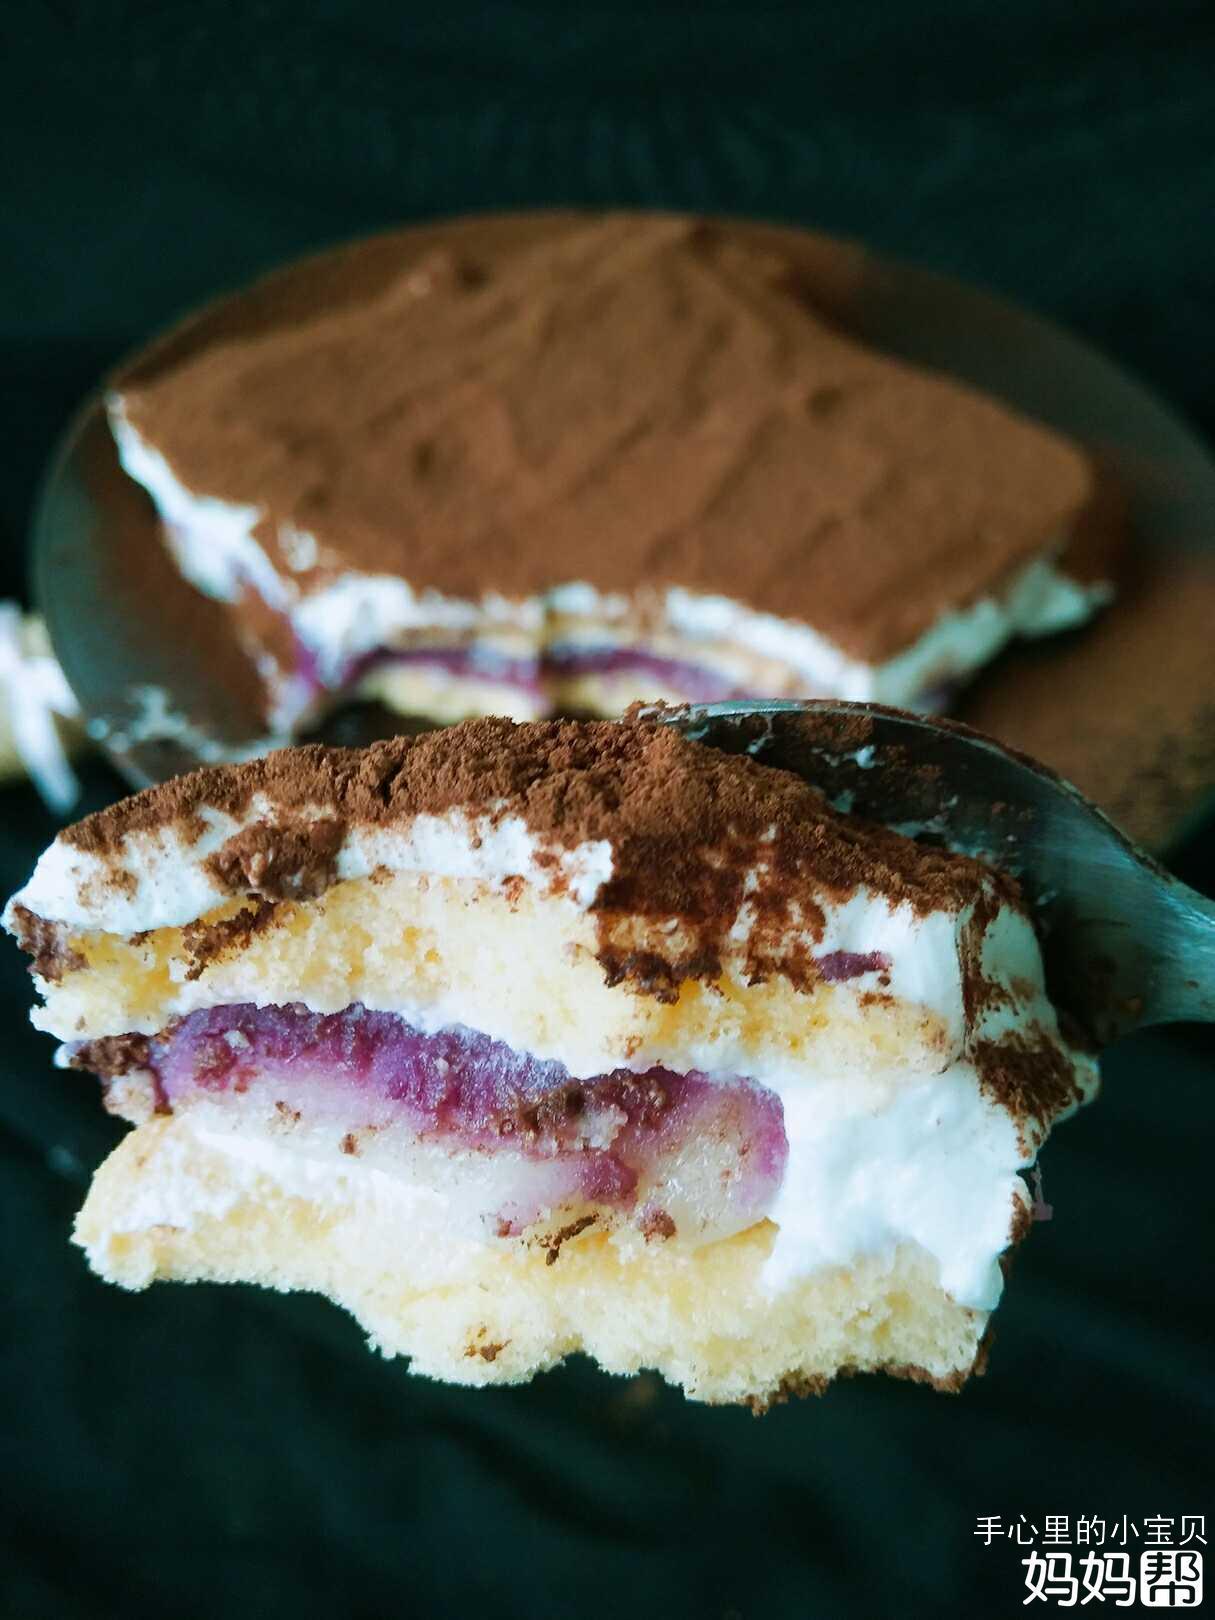 【和美食独处的时光】紫薯宝盒,这样的蛋糕你